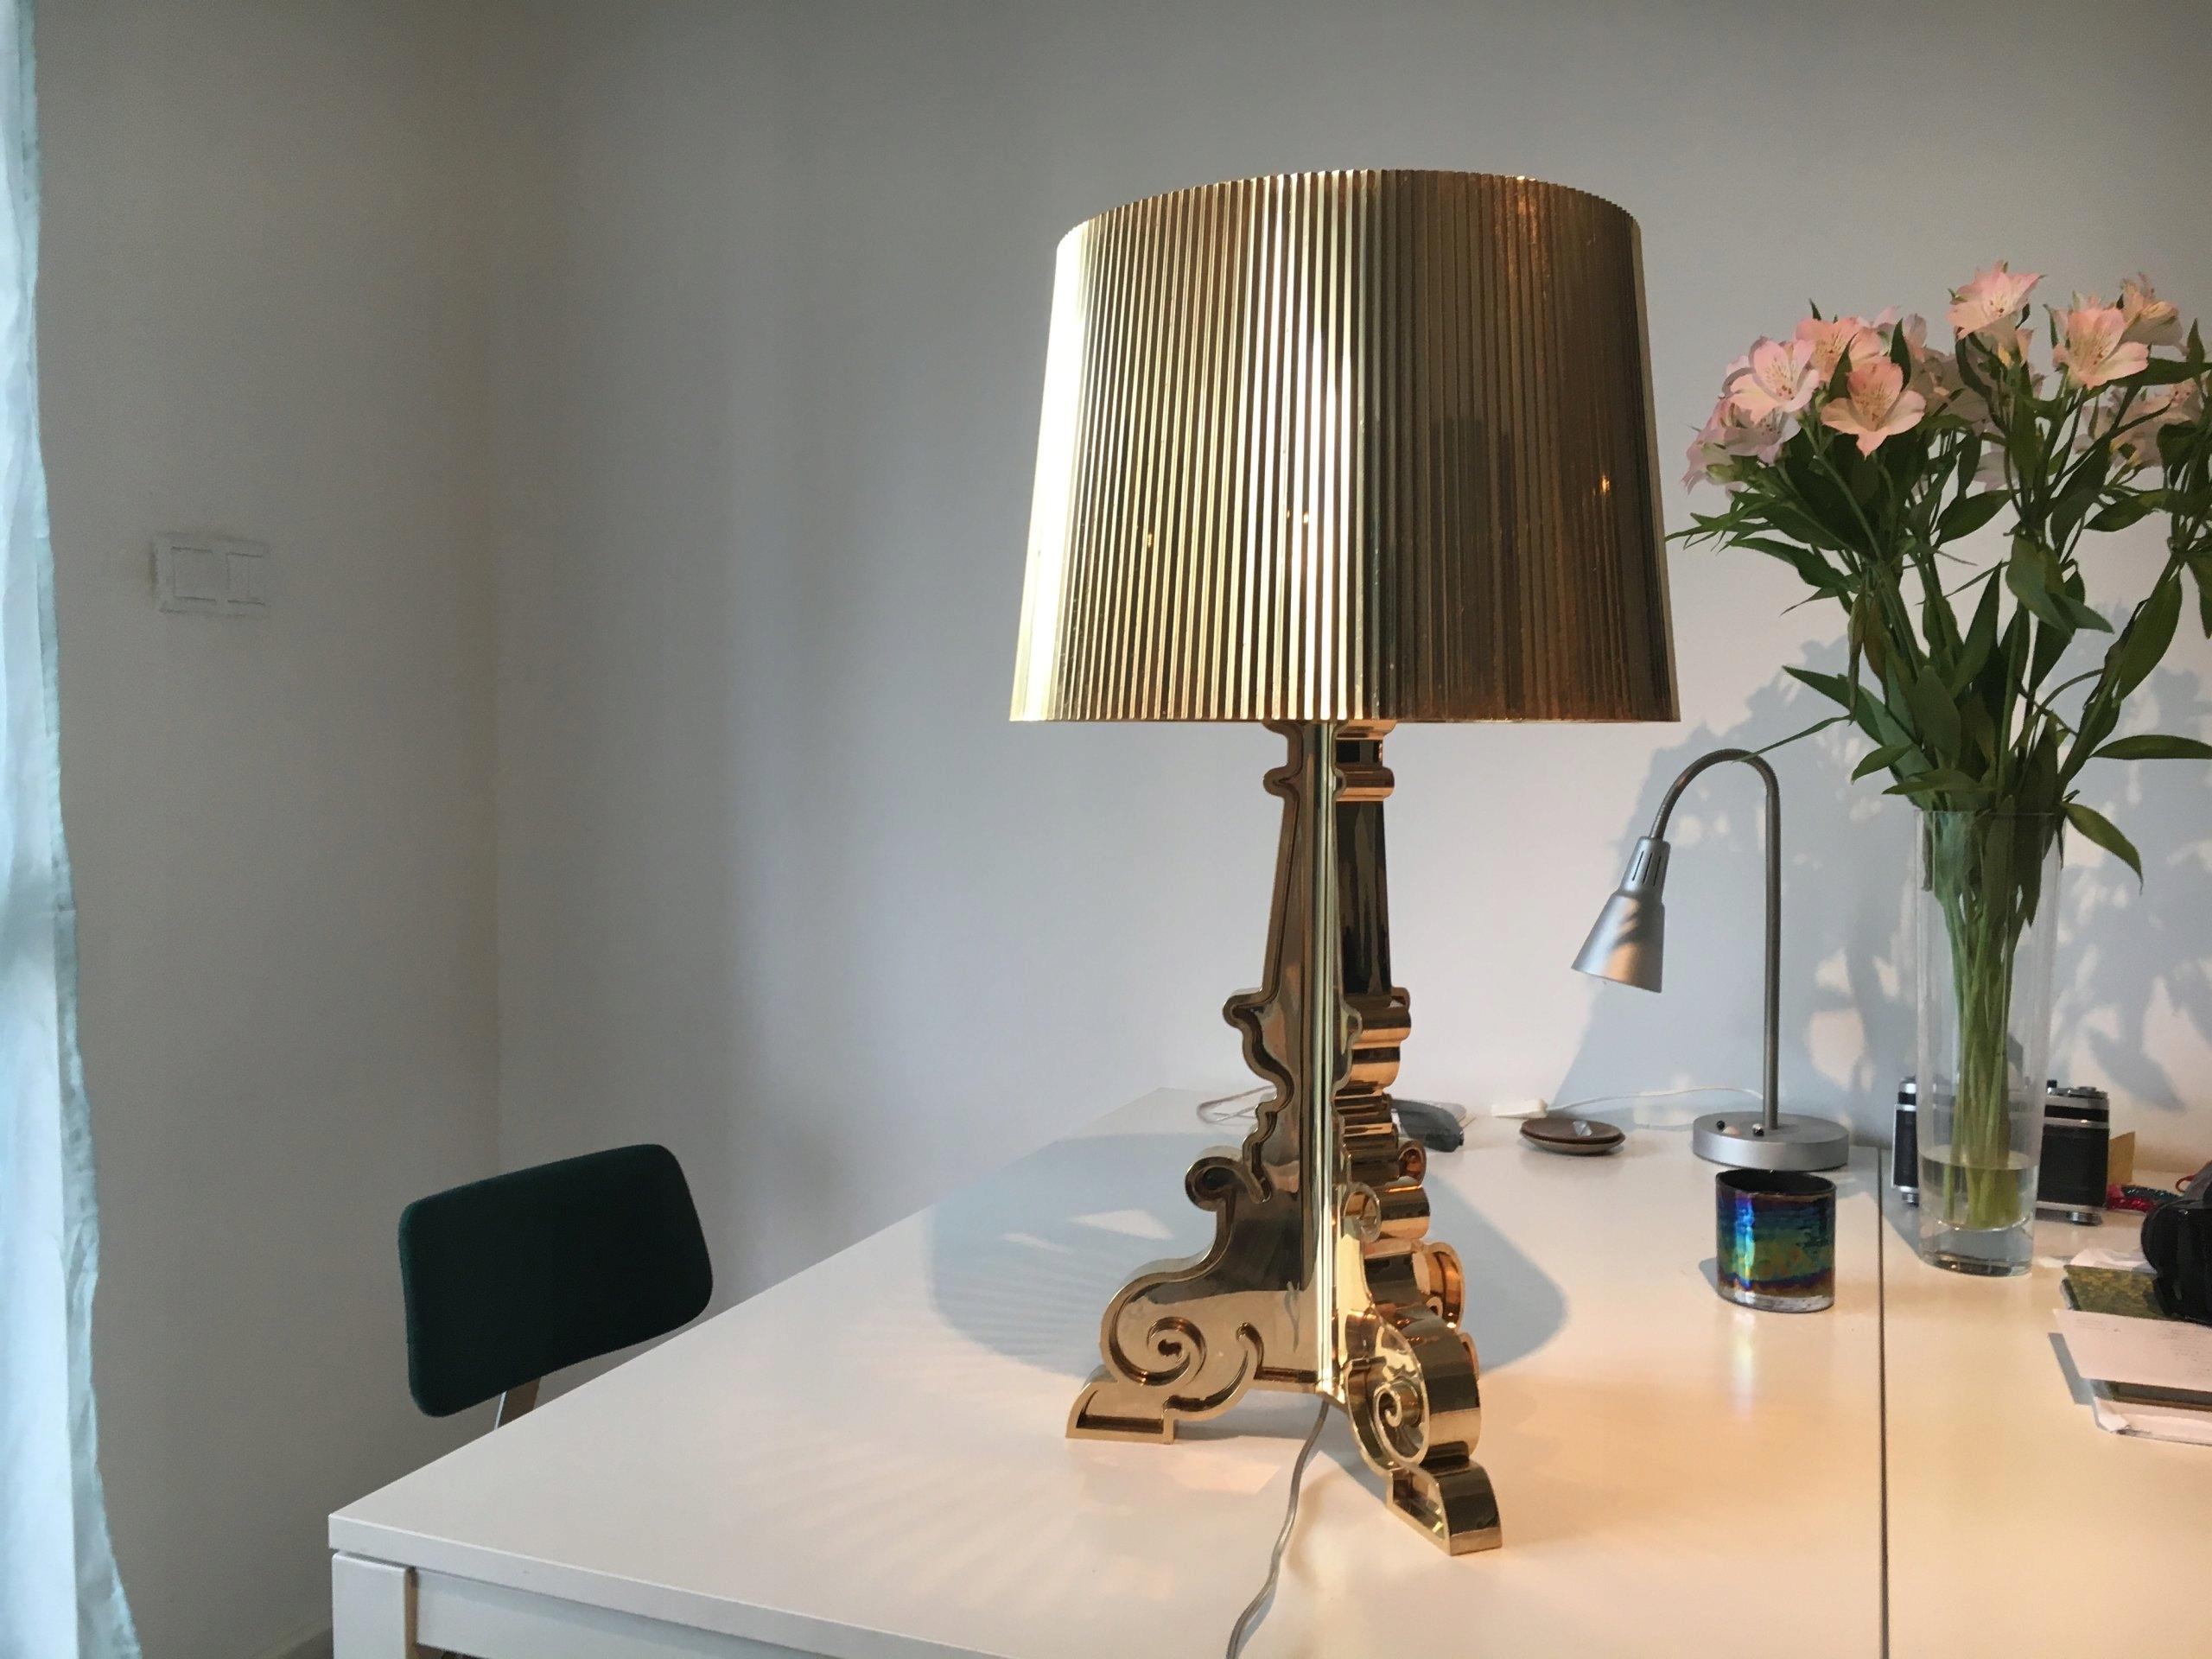 Lampa Kartell Bourgie Gold Złota 7528963453 Oficjalne Archiwum